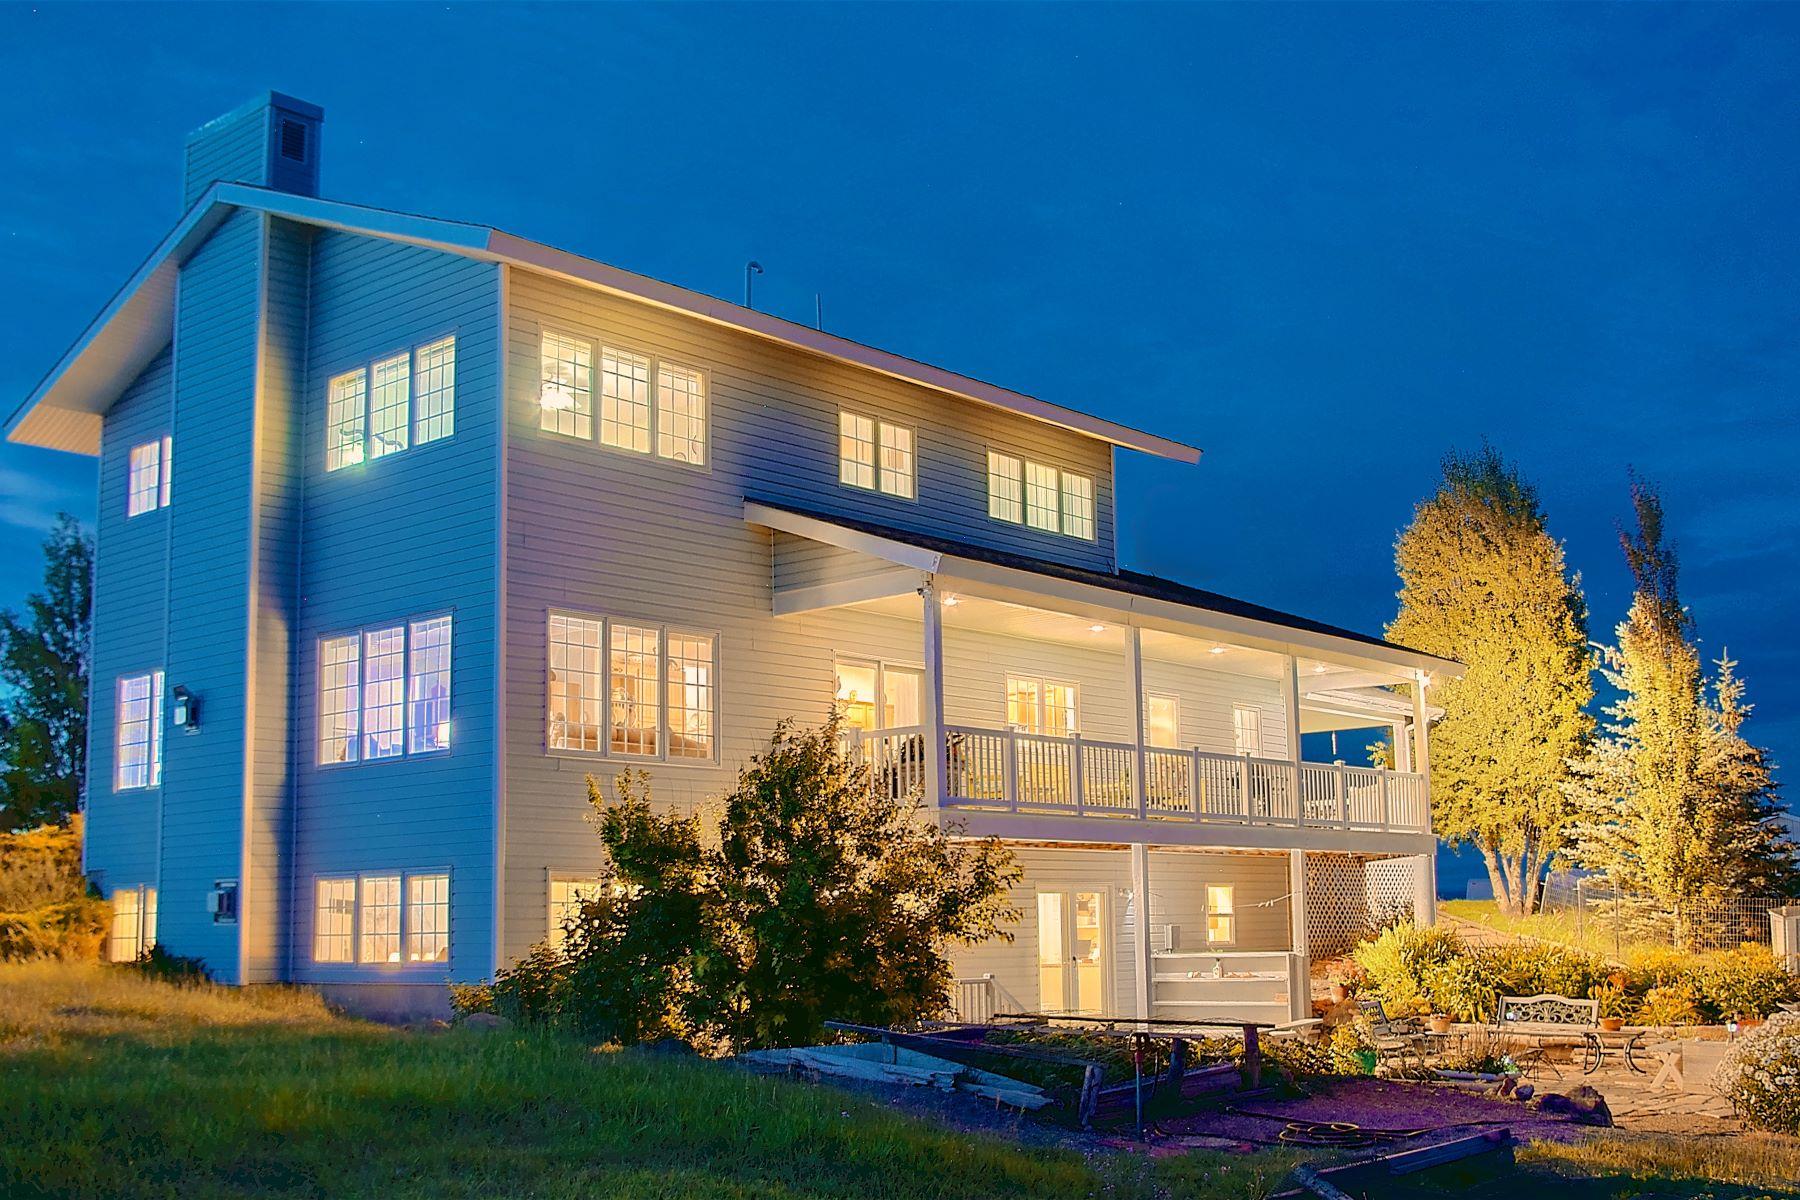 独户住宅 为 销售 在 4 BD Home on 54.67 Acres 23755 RCR 15 菲普斯堡, 科罗拉多州, 80469 美国